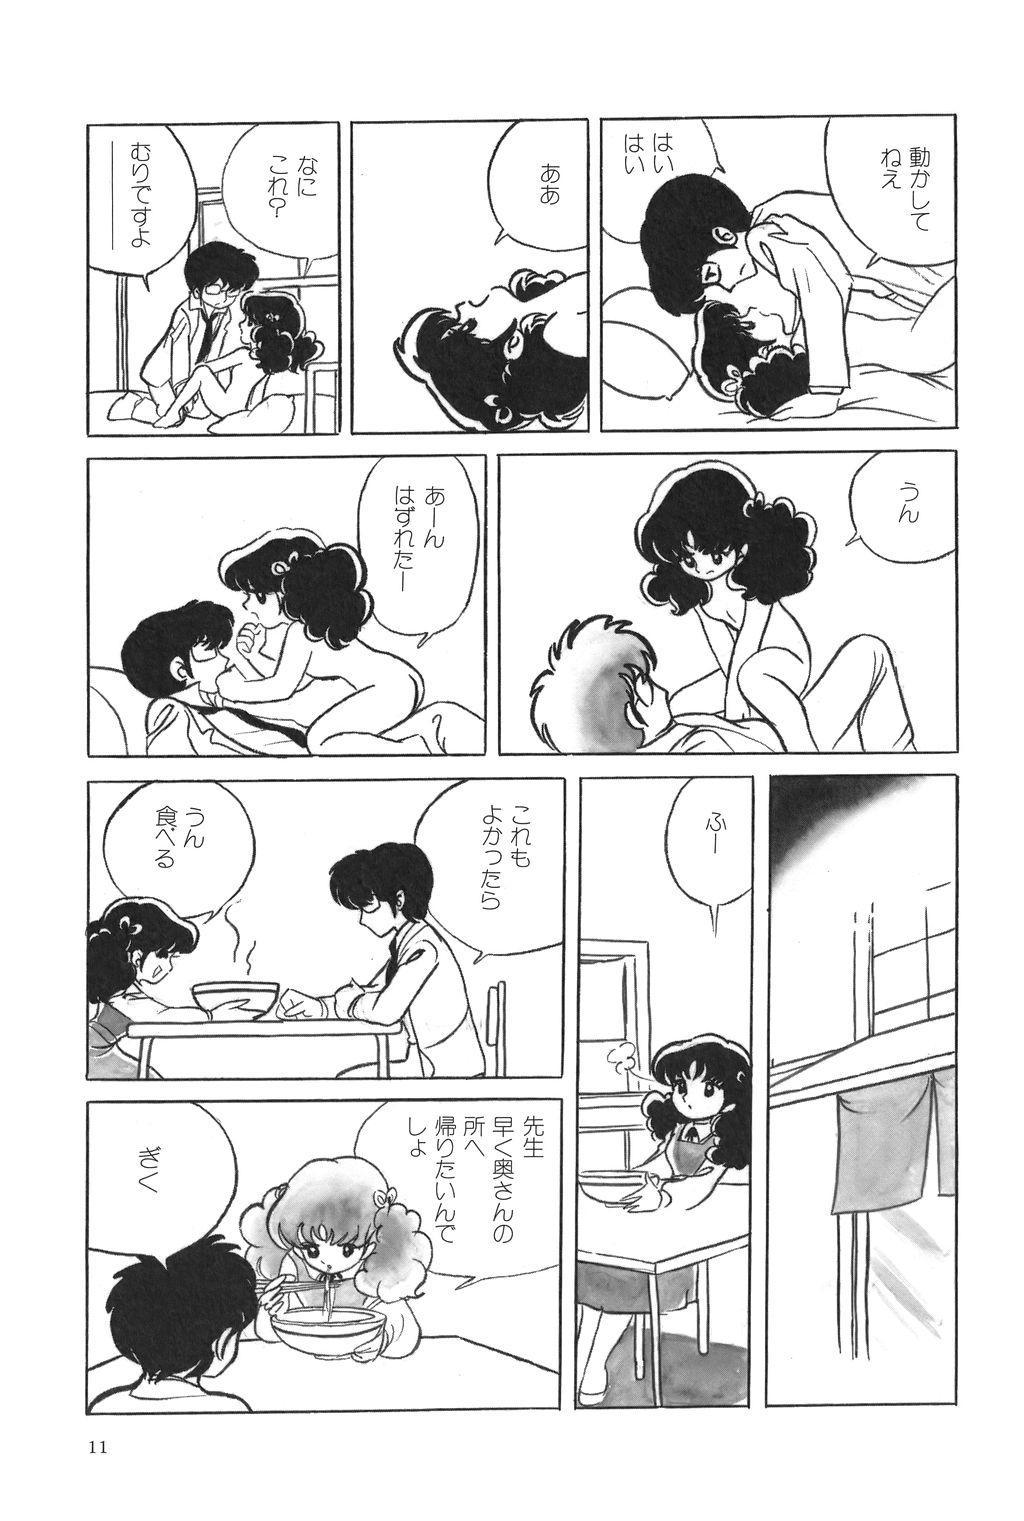 Azuma Hideo Sakuhin Shuusei - Yoru no Tobari no Naka de 15